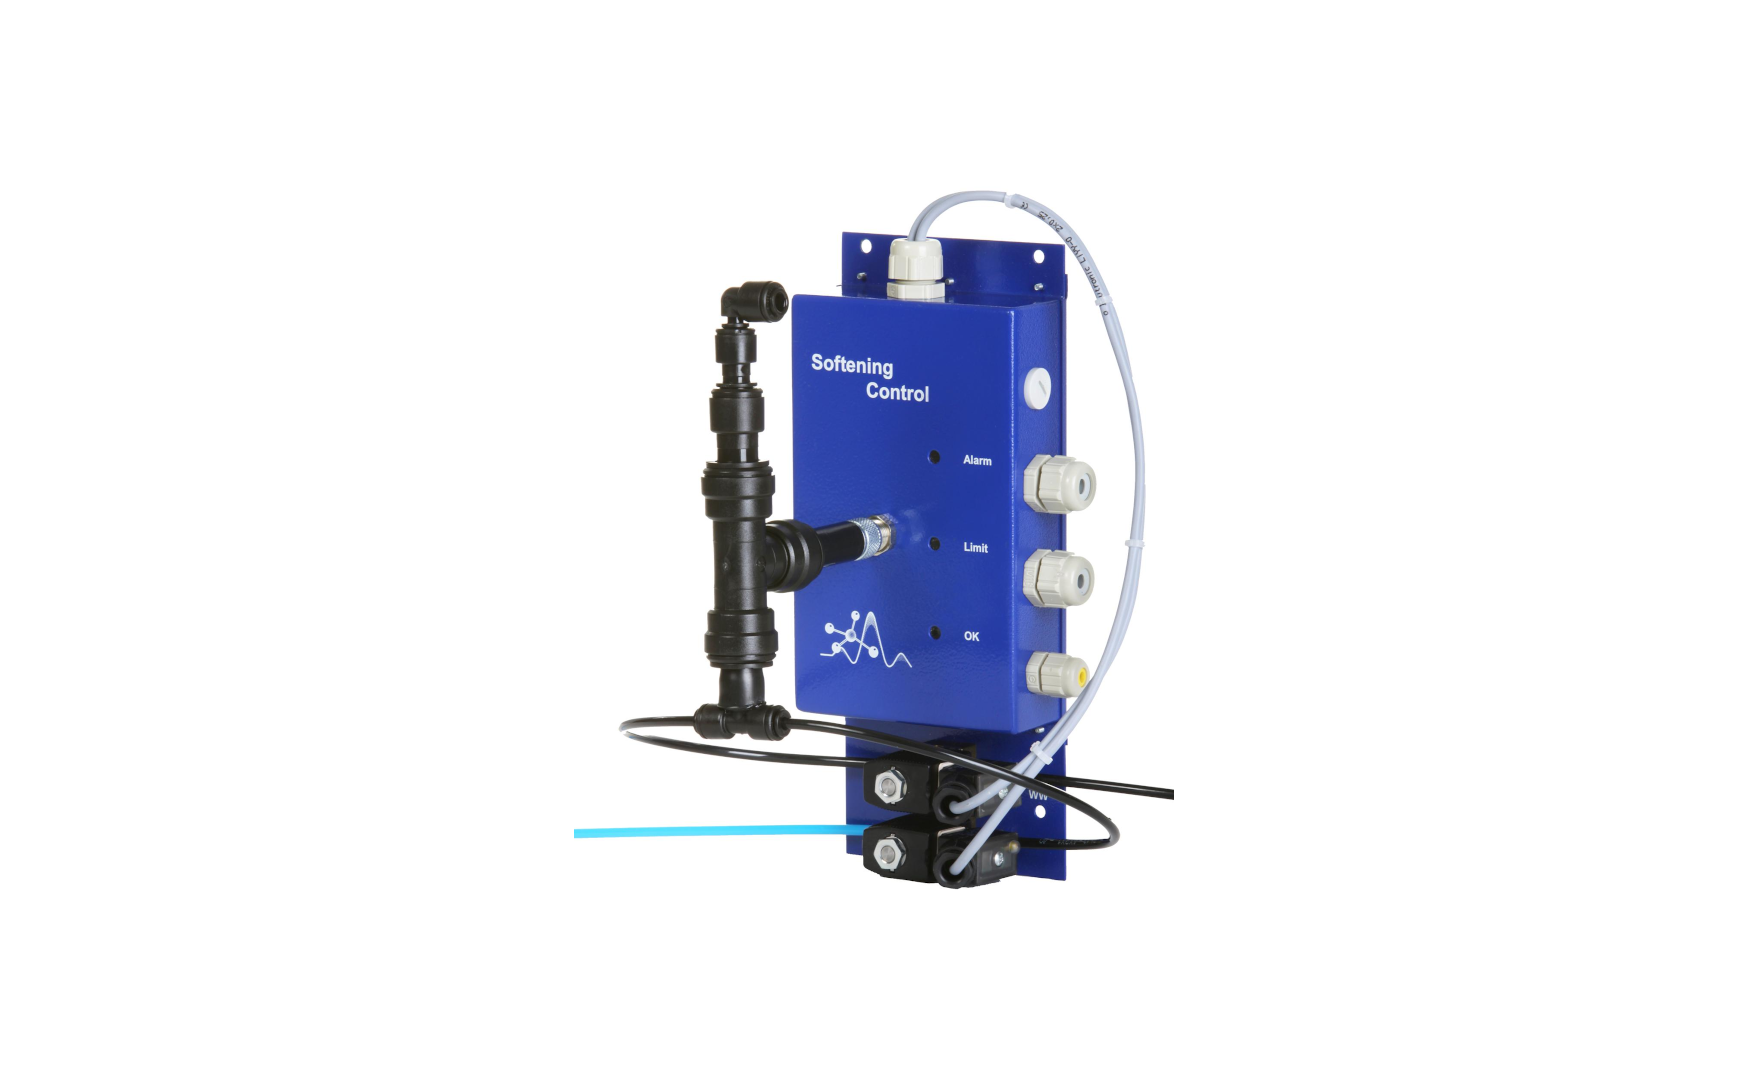 Softening Control zur  kontinuierlichen Wasserhärteüberwachung